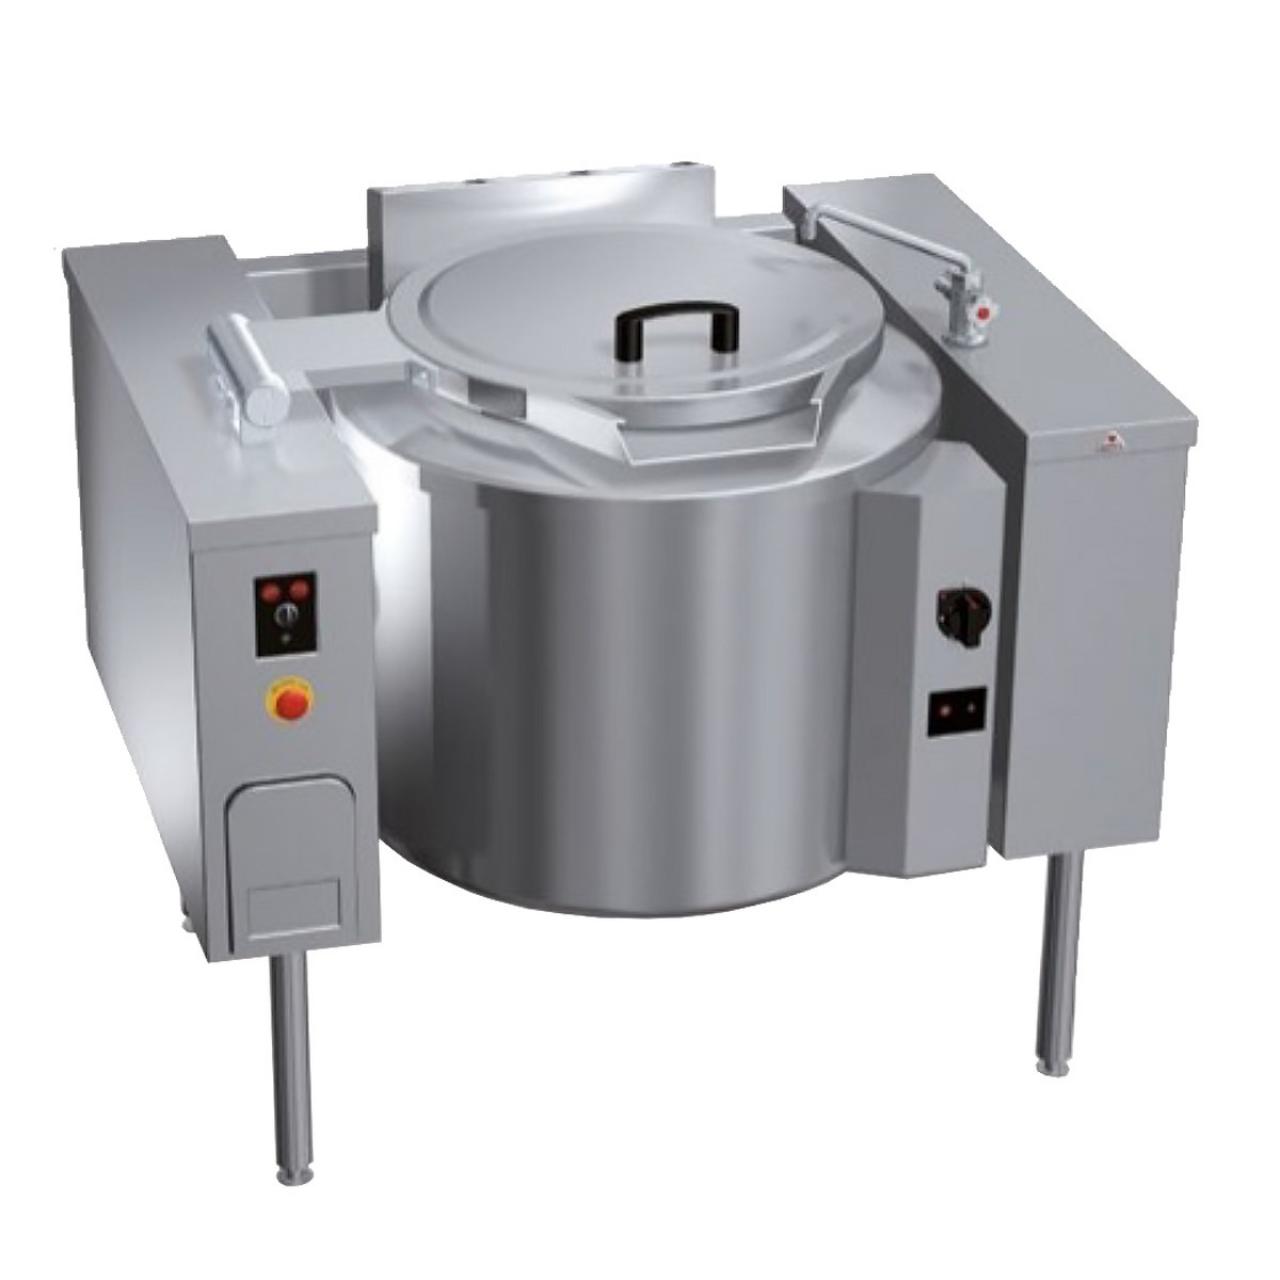 Boiler 150L gas